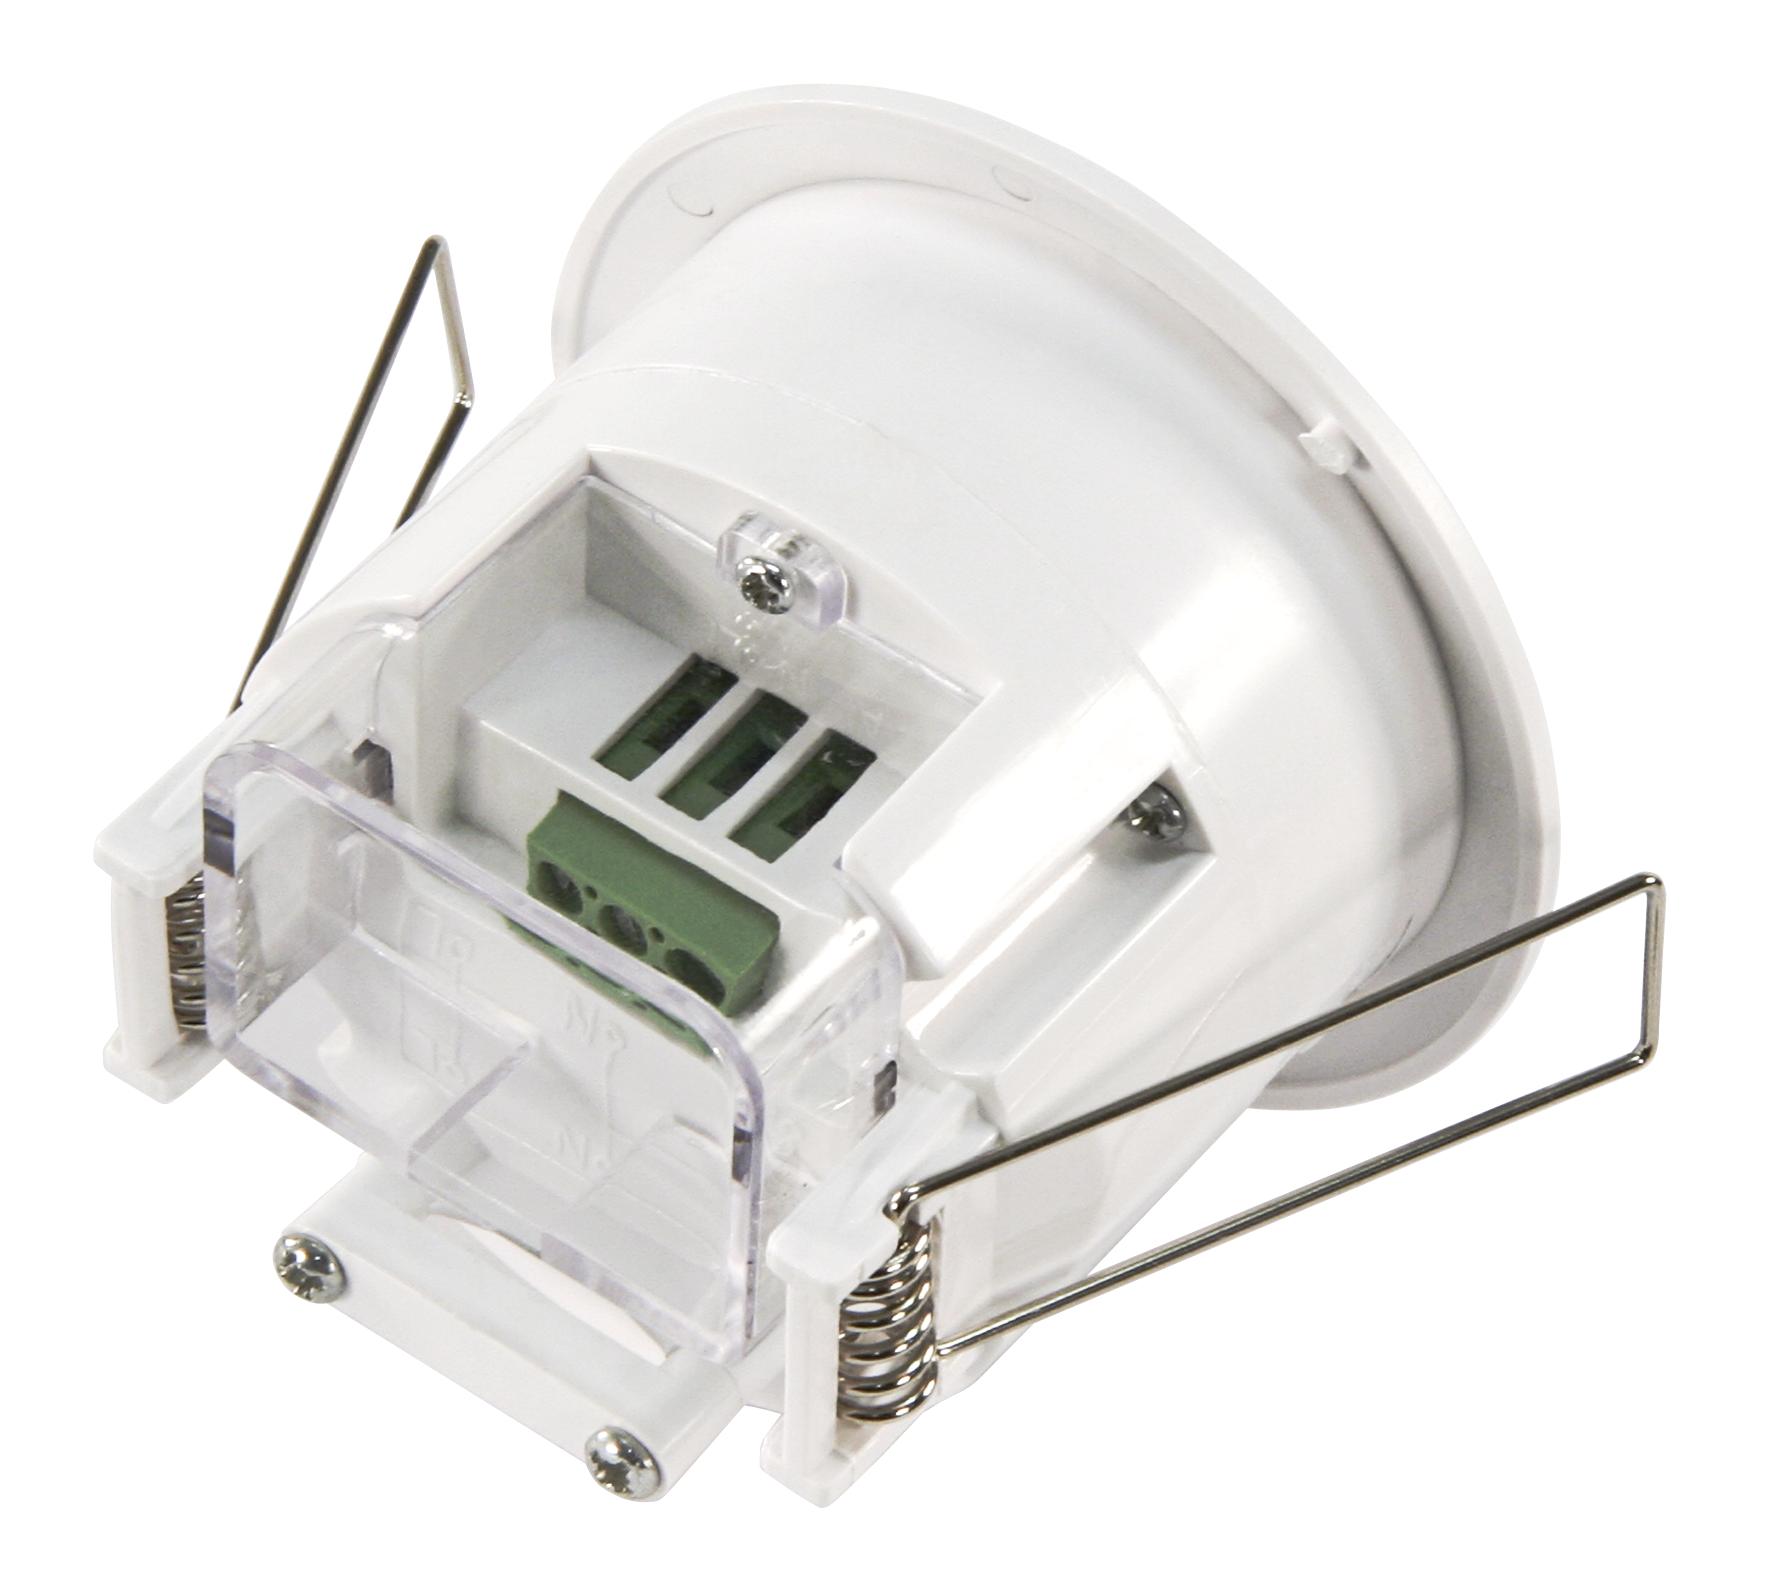 HF / Mikrowellen-Bewegungsmelder McShine ''LX-753'', 360°, 230V / 1.200W, weiß, Unterputz, LED geeigne